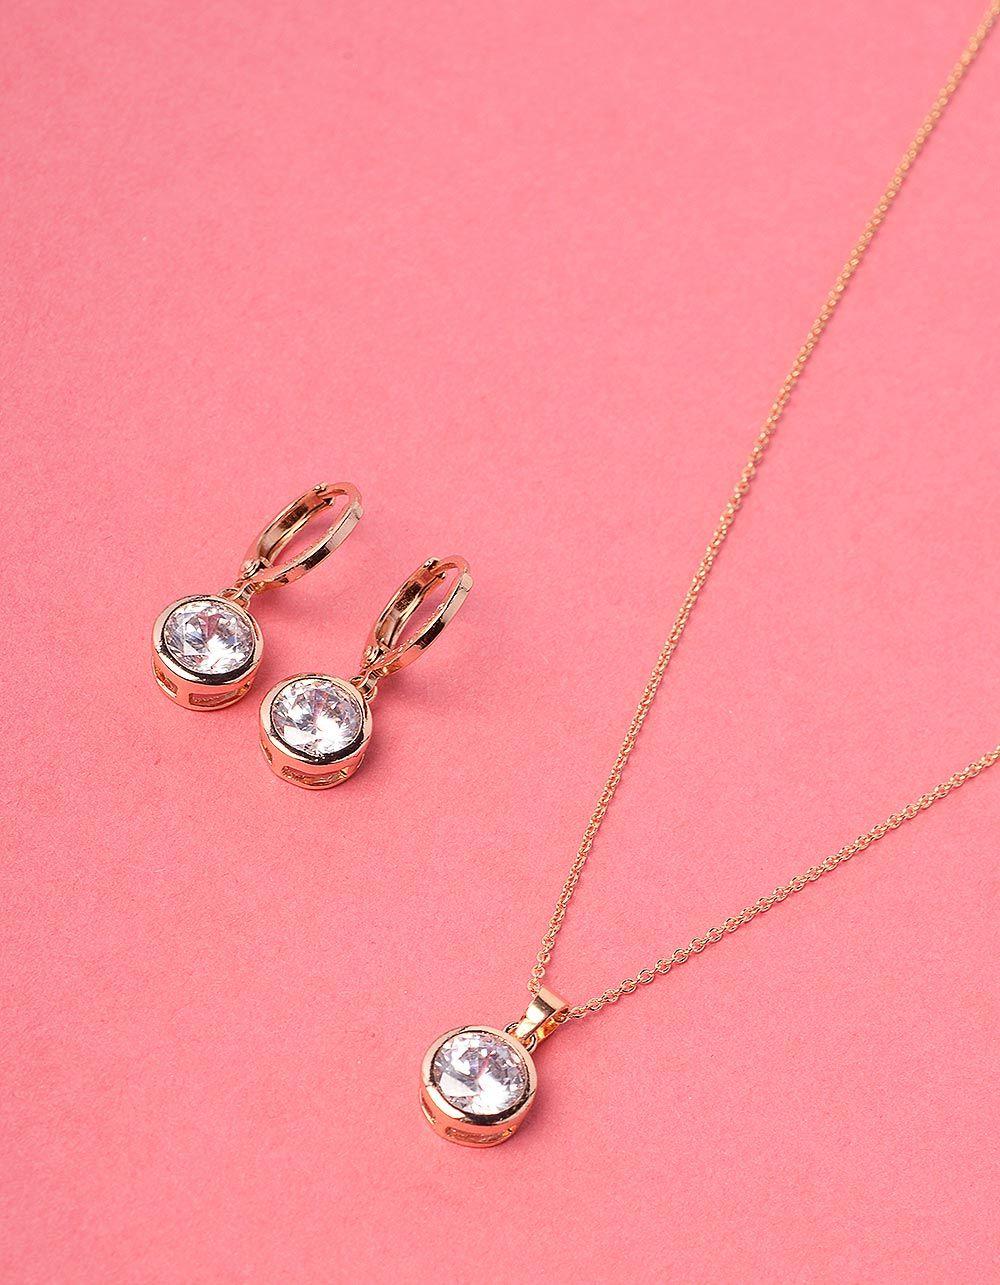 Комплект із підвіски та сережок з камінцями | 228475-08-XX